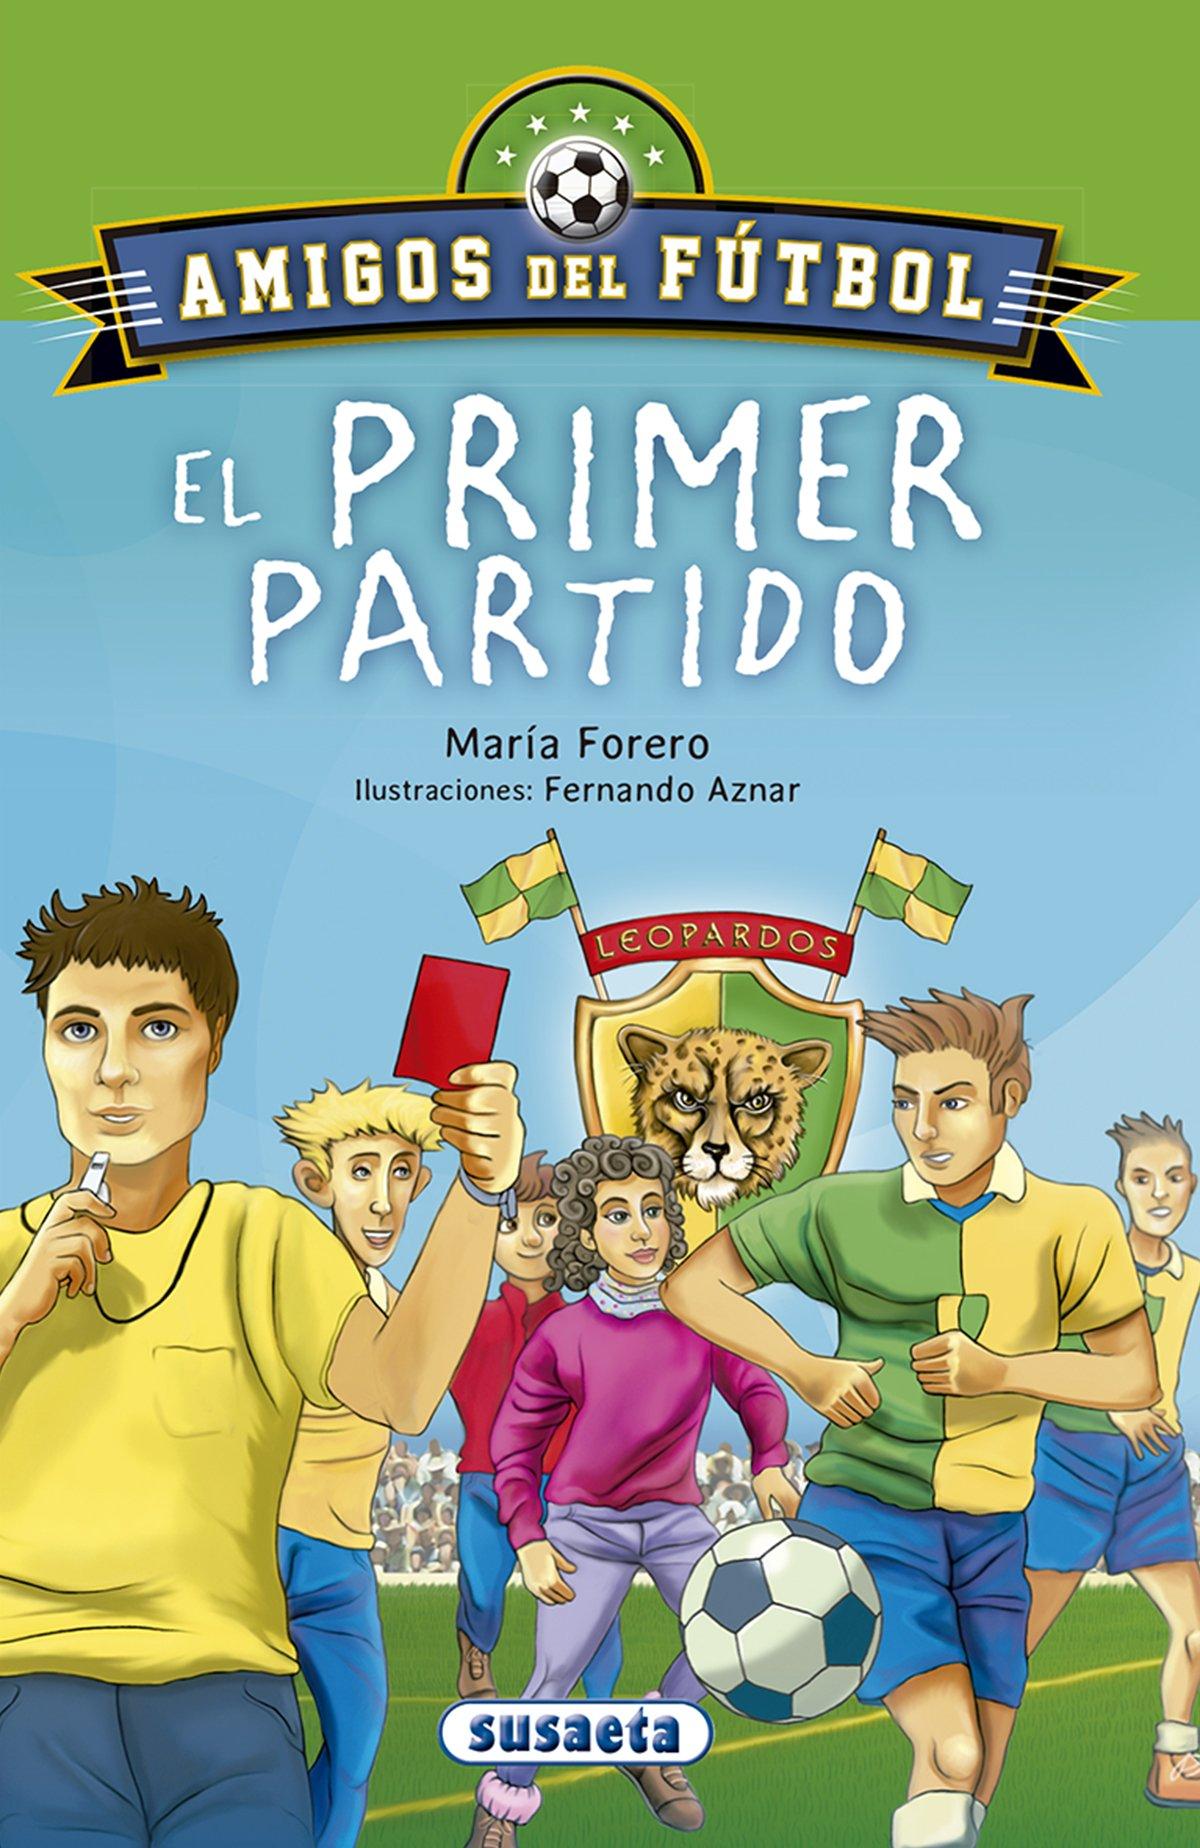 El primer partido (Amigos del fútbol): Amazon.es: María Forero Calderón: Libros